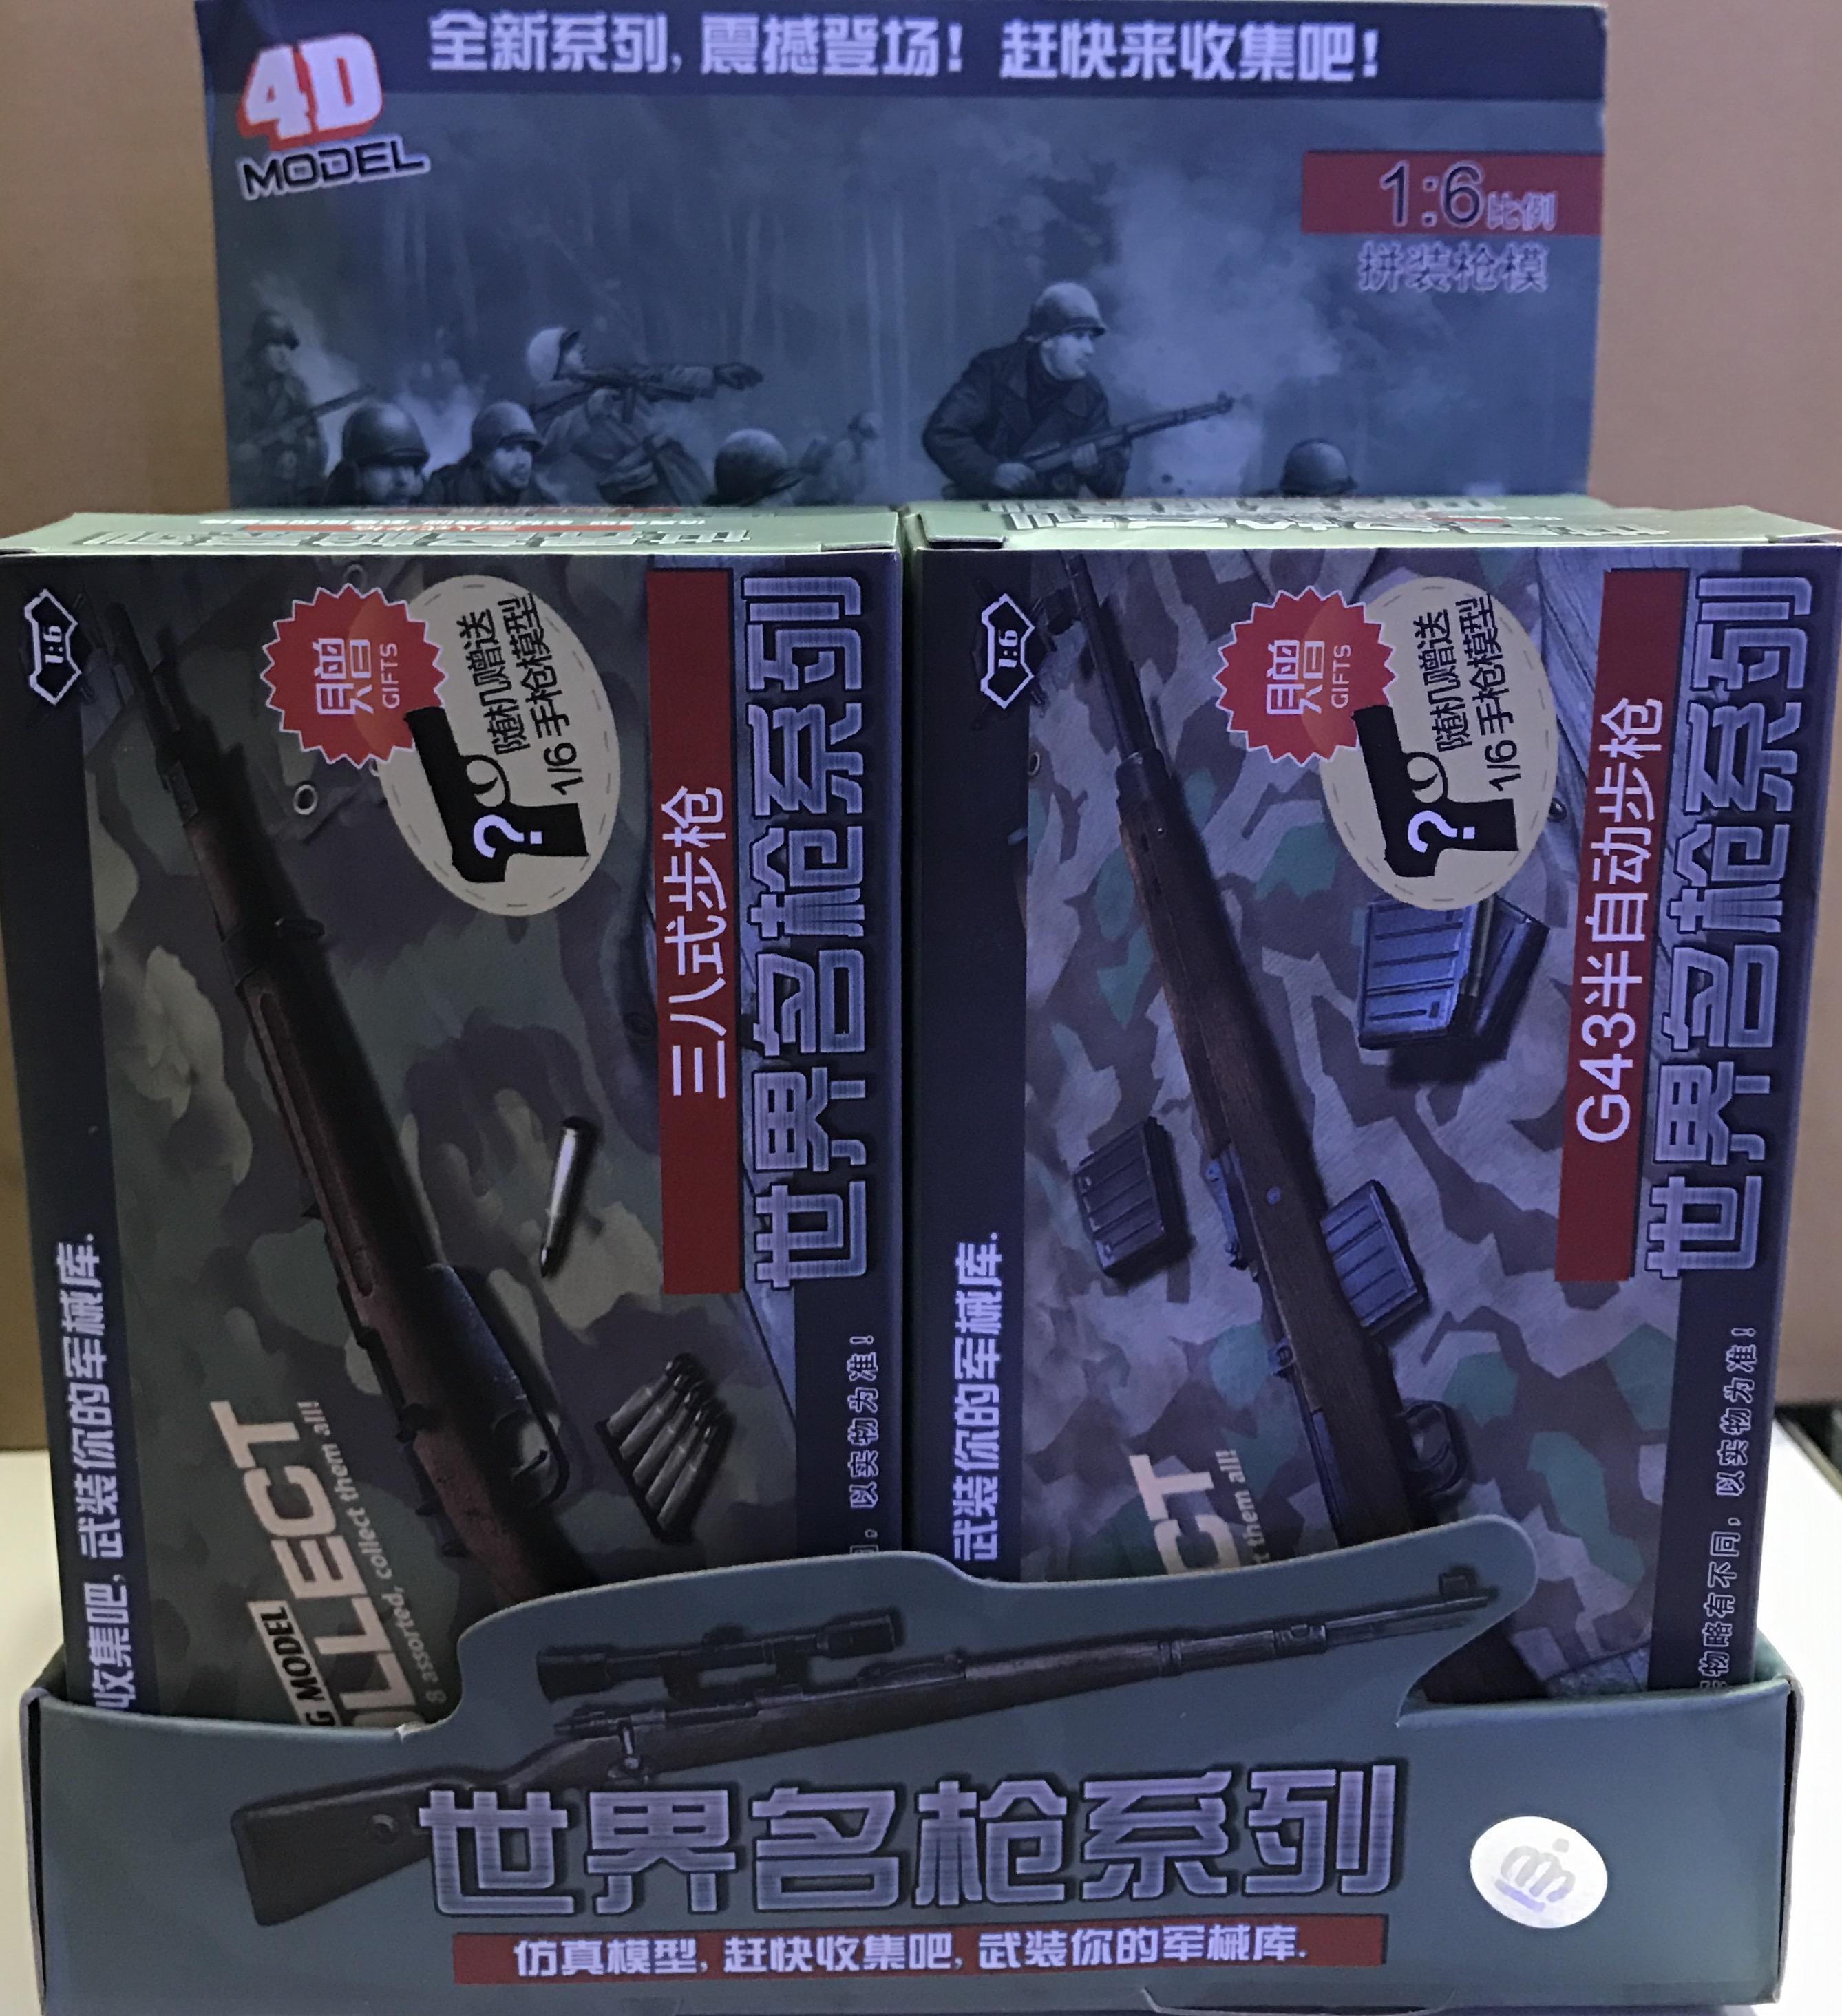 ชุดโมเดลปืนประกอบ 1/6 ชุดที่ 6 (6 อัน) Gun Model Kit 5